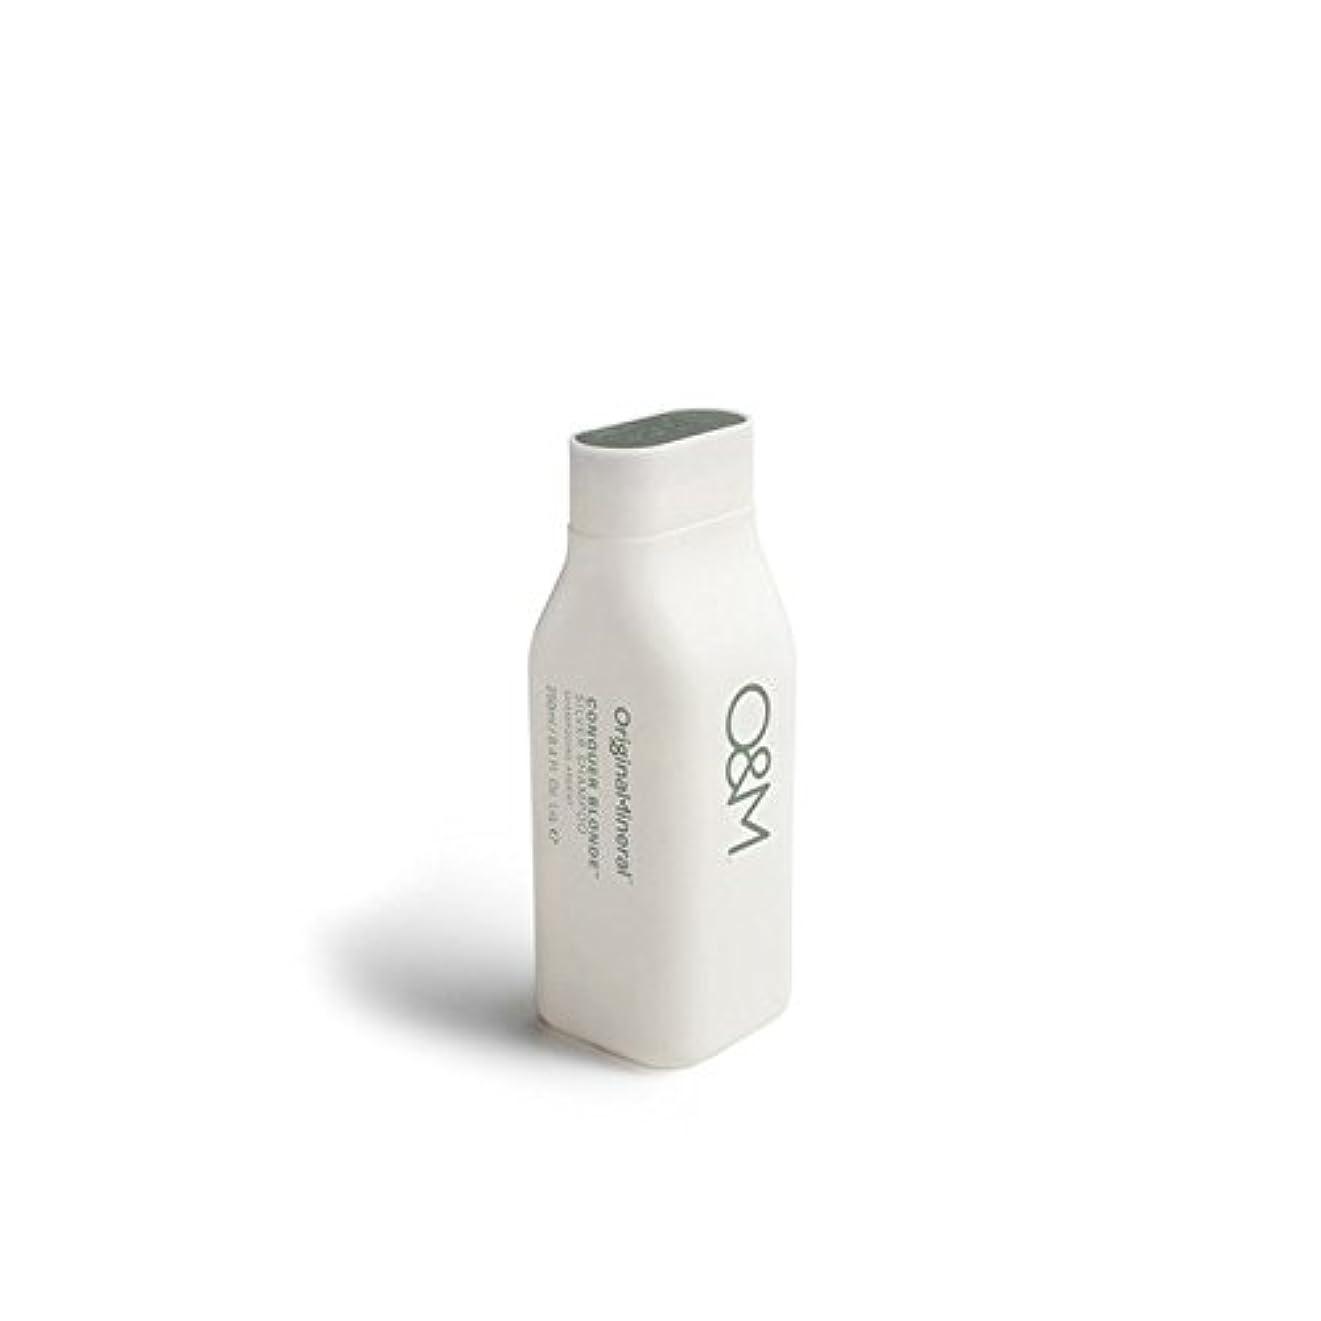 ラップ受信厄介なOriginal & Mineral Conquer Blonde Silver Shampoo (250ml) (Pack of 6) - オリジナル&ミネラル統治ブロンド銀シャンプー(250ミリリットル) x6 [並行輸入品]